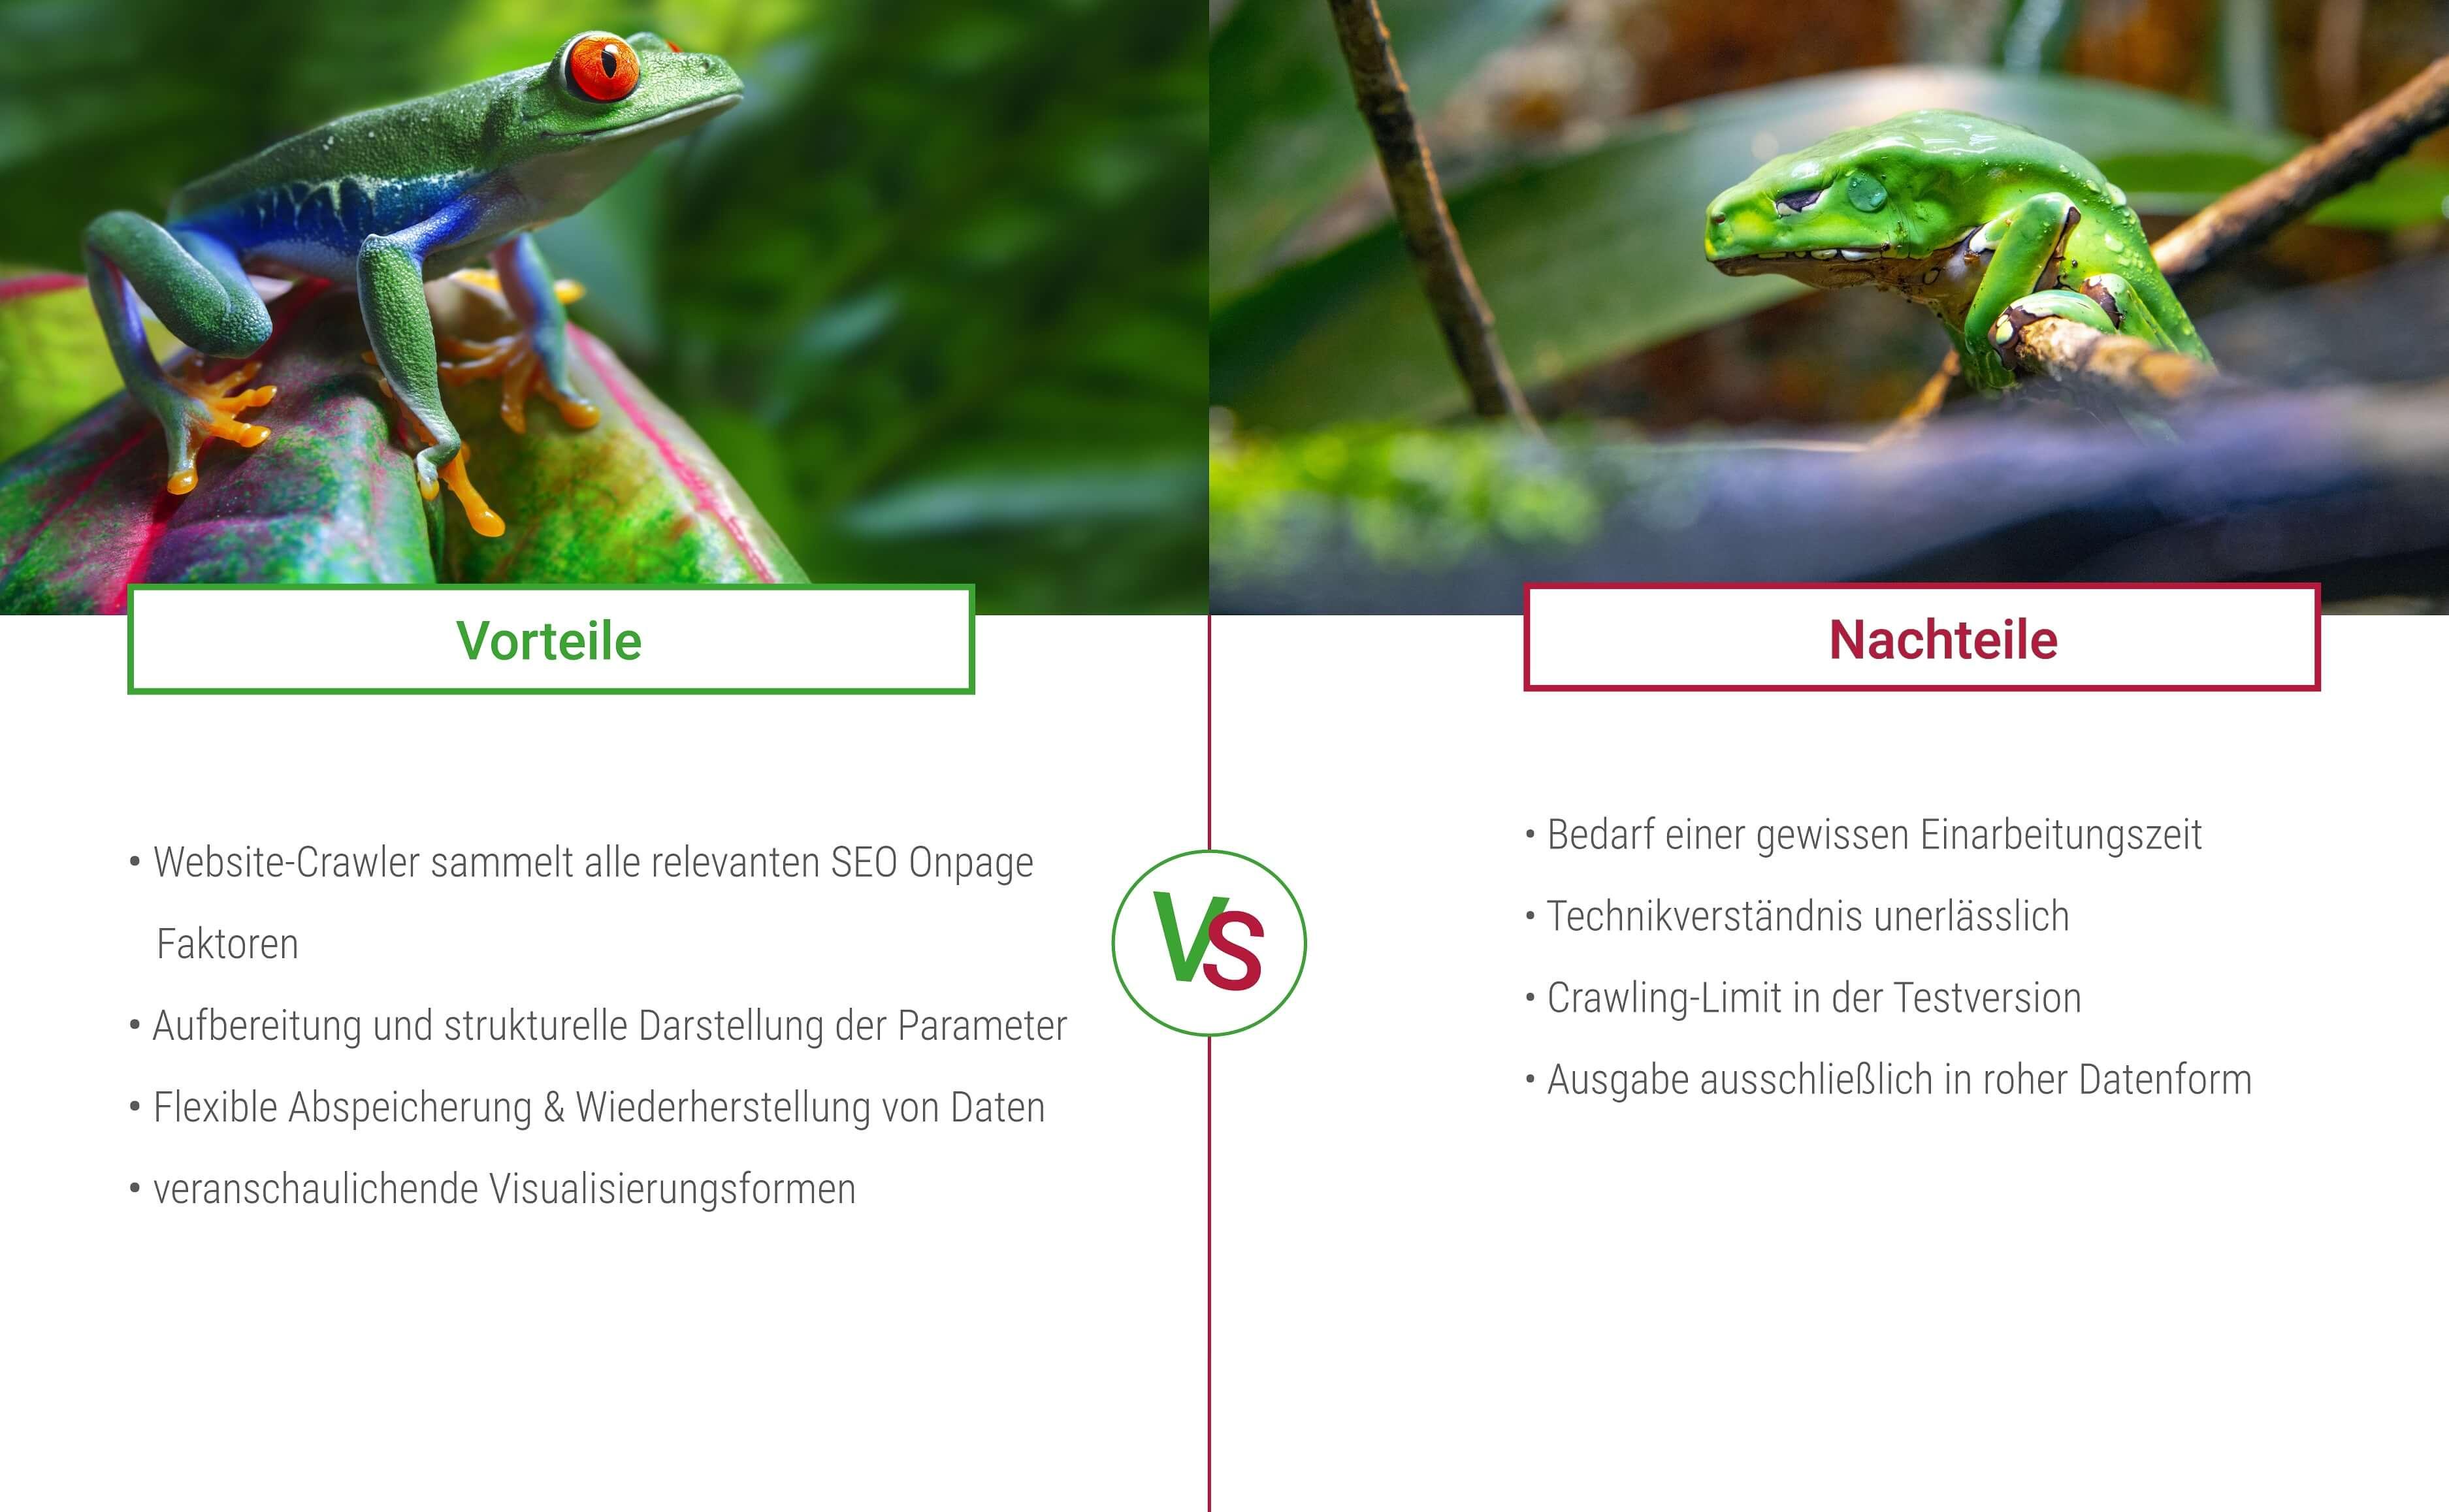 Vorteile und Nachteile des SEO Spider von Screaming Frog